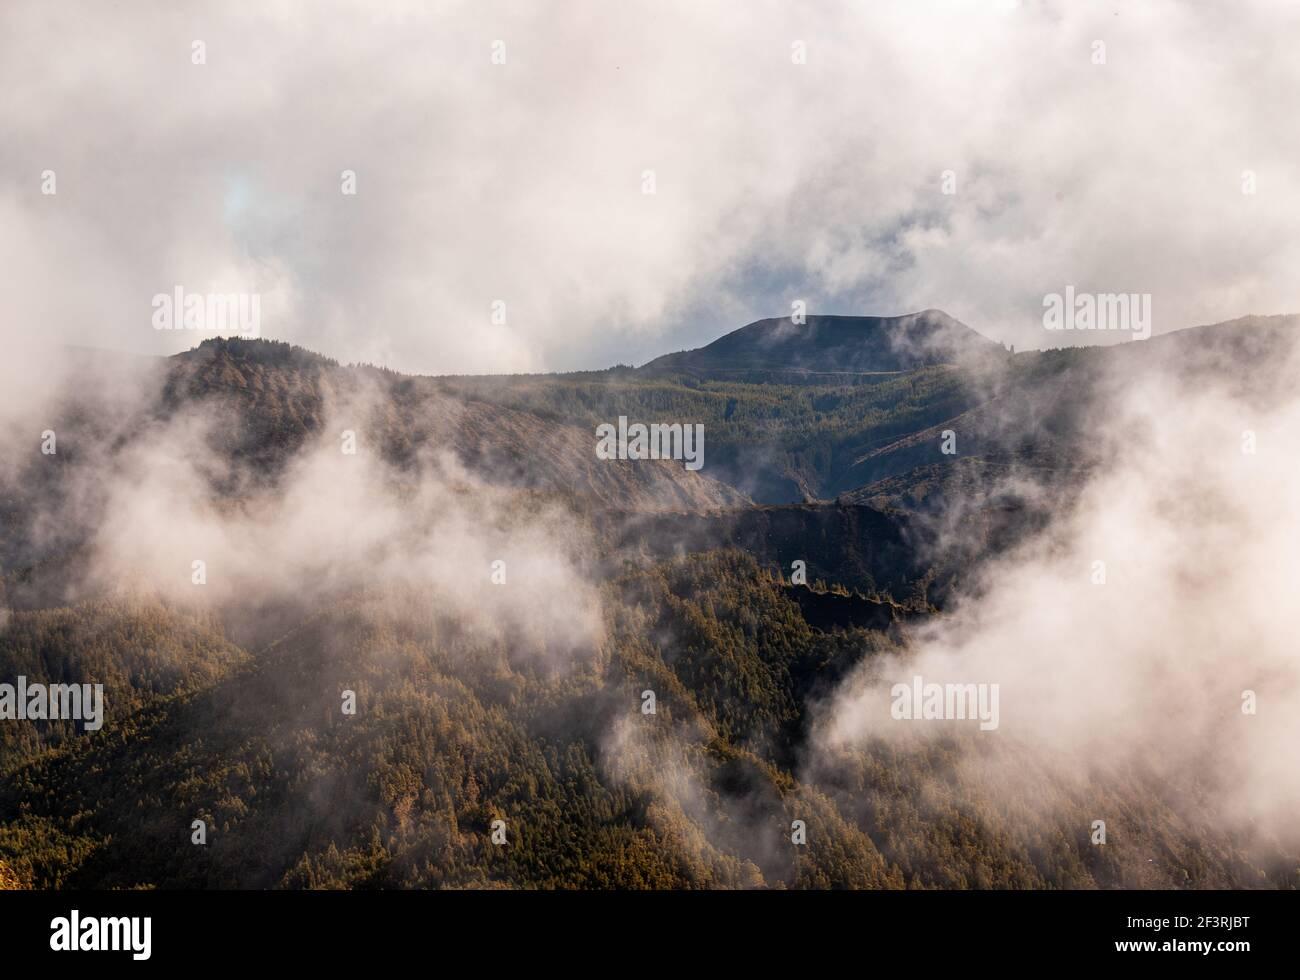 Nebel in den grünen Bergen, aufgenommen auf Sao Miguel Insel, Azoren Reiseziel. Stockfoto